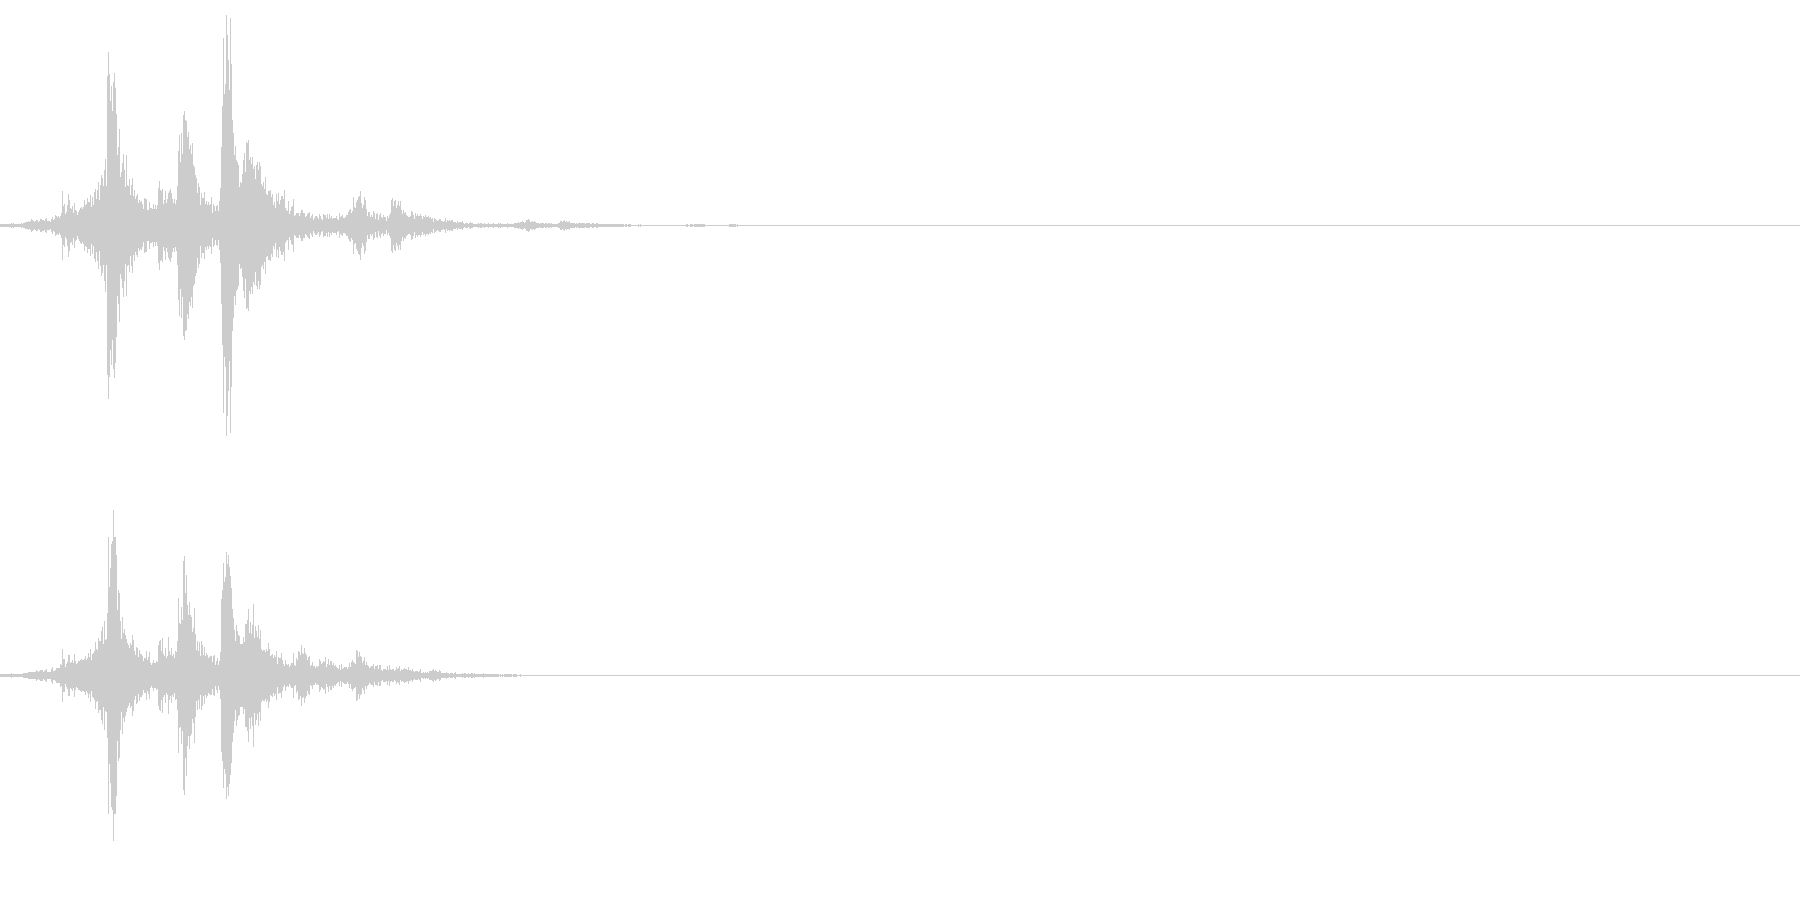 【機械/ロボット系013】ガシャンの未再生の波形